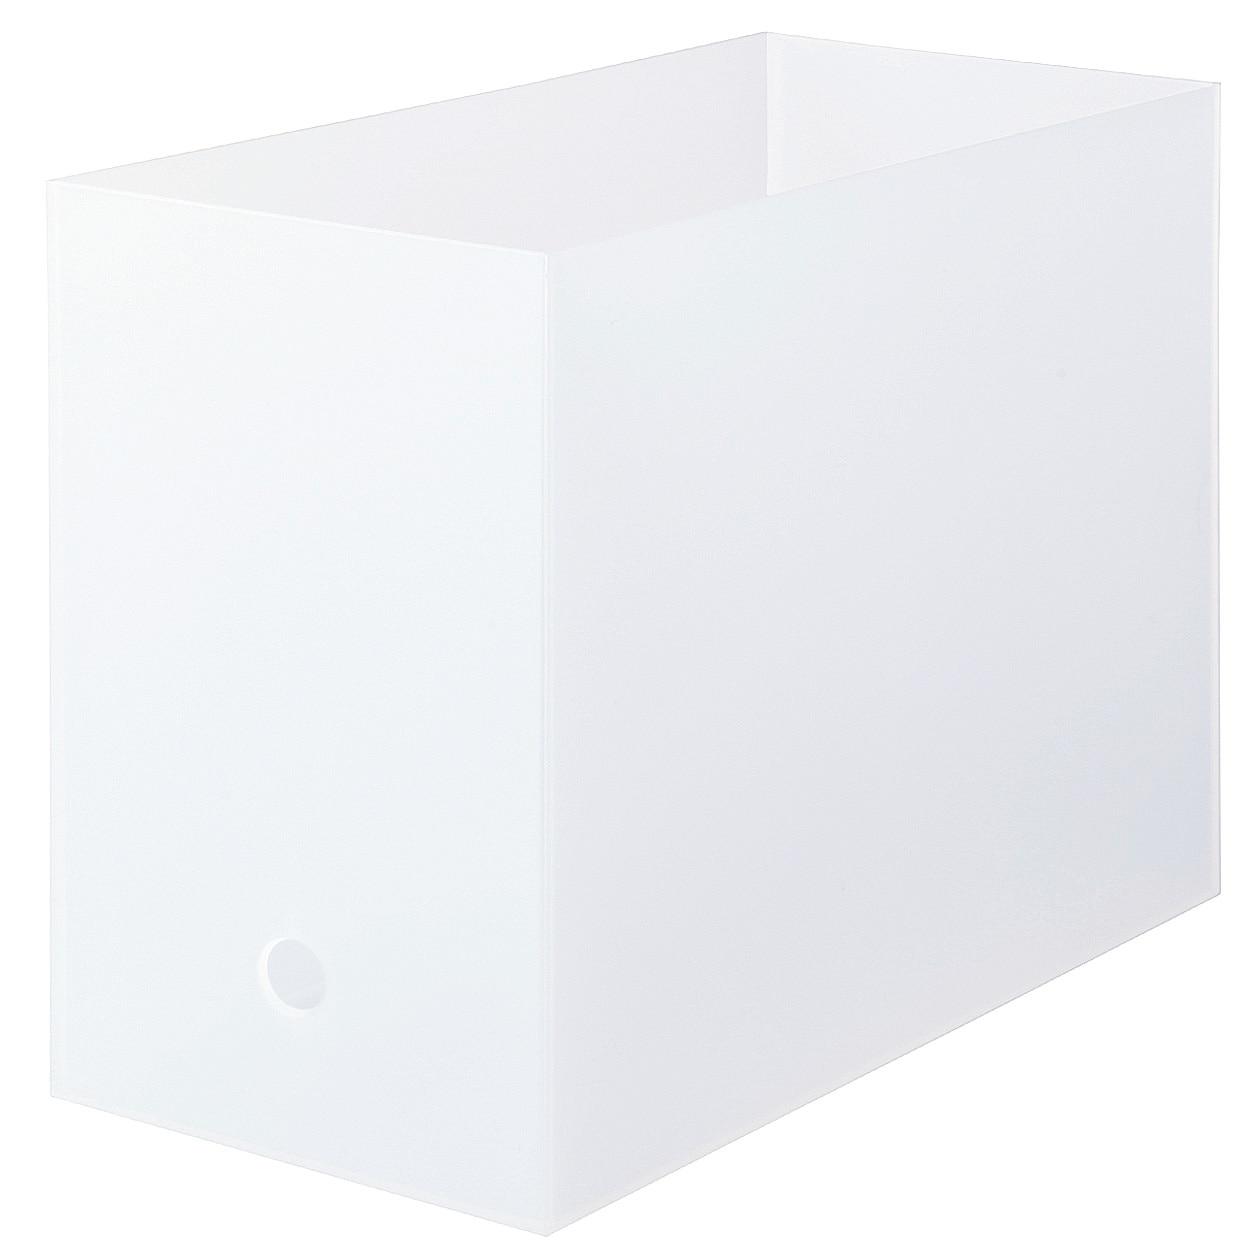 【まとめ買い】ポリプロピレンファイルボックス・スタンダードタイプ・ワイド・A4用